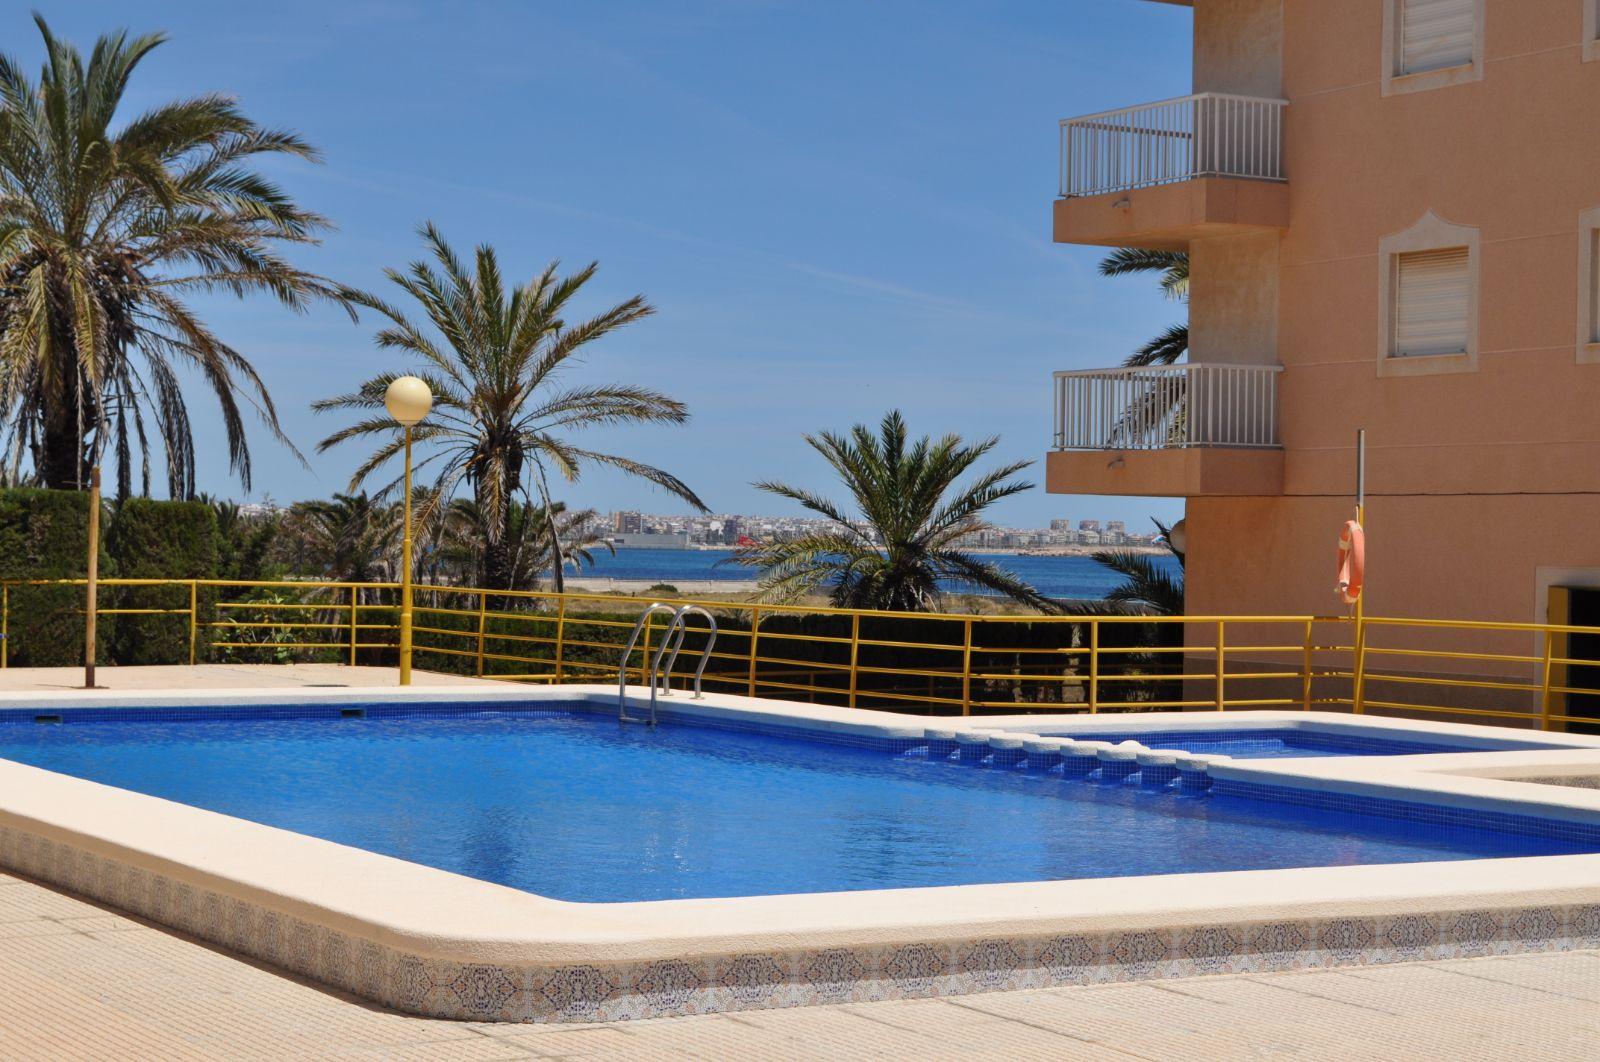 2 Zimmer Apartment mit Meeressicht in Punta Prima